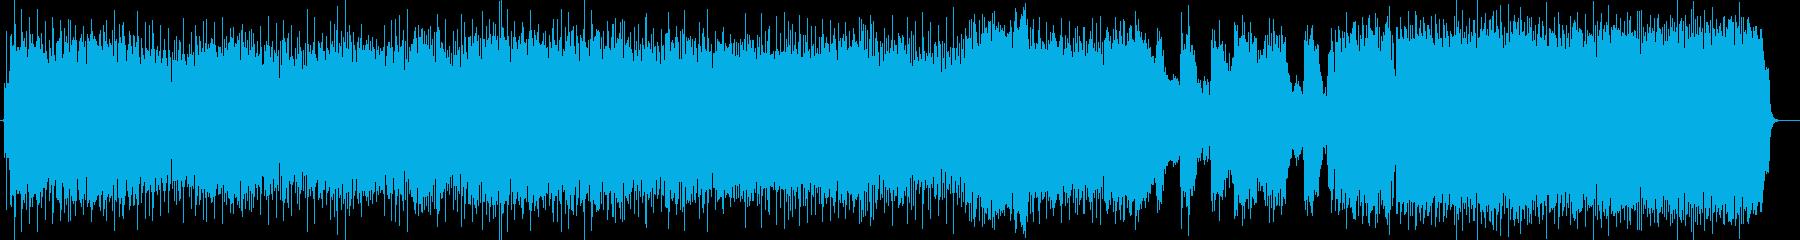 アップテンポの爽快なポップスの再生済みの波形